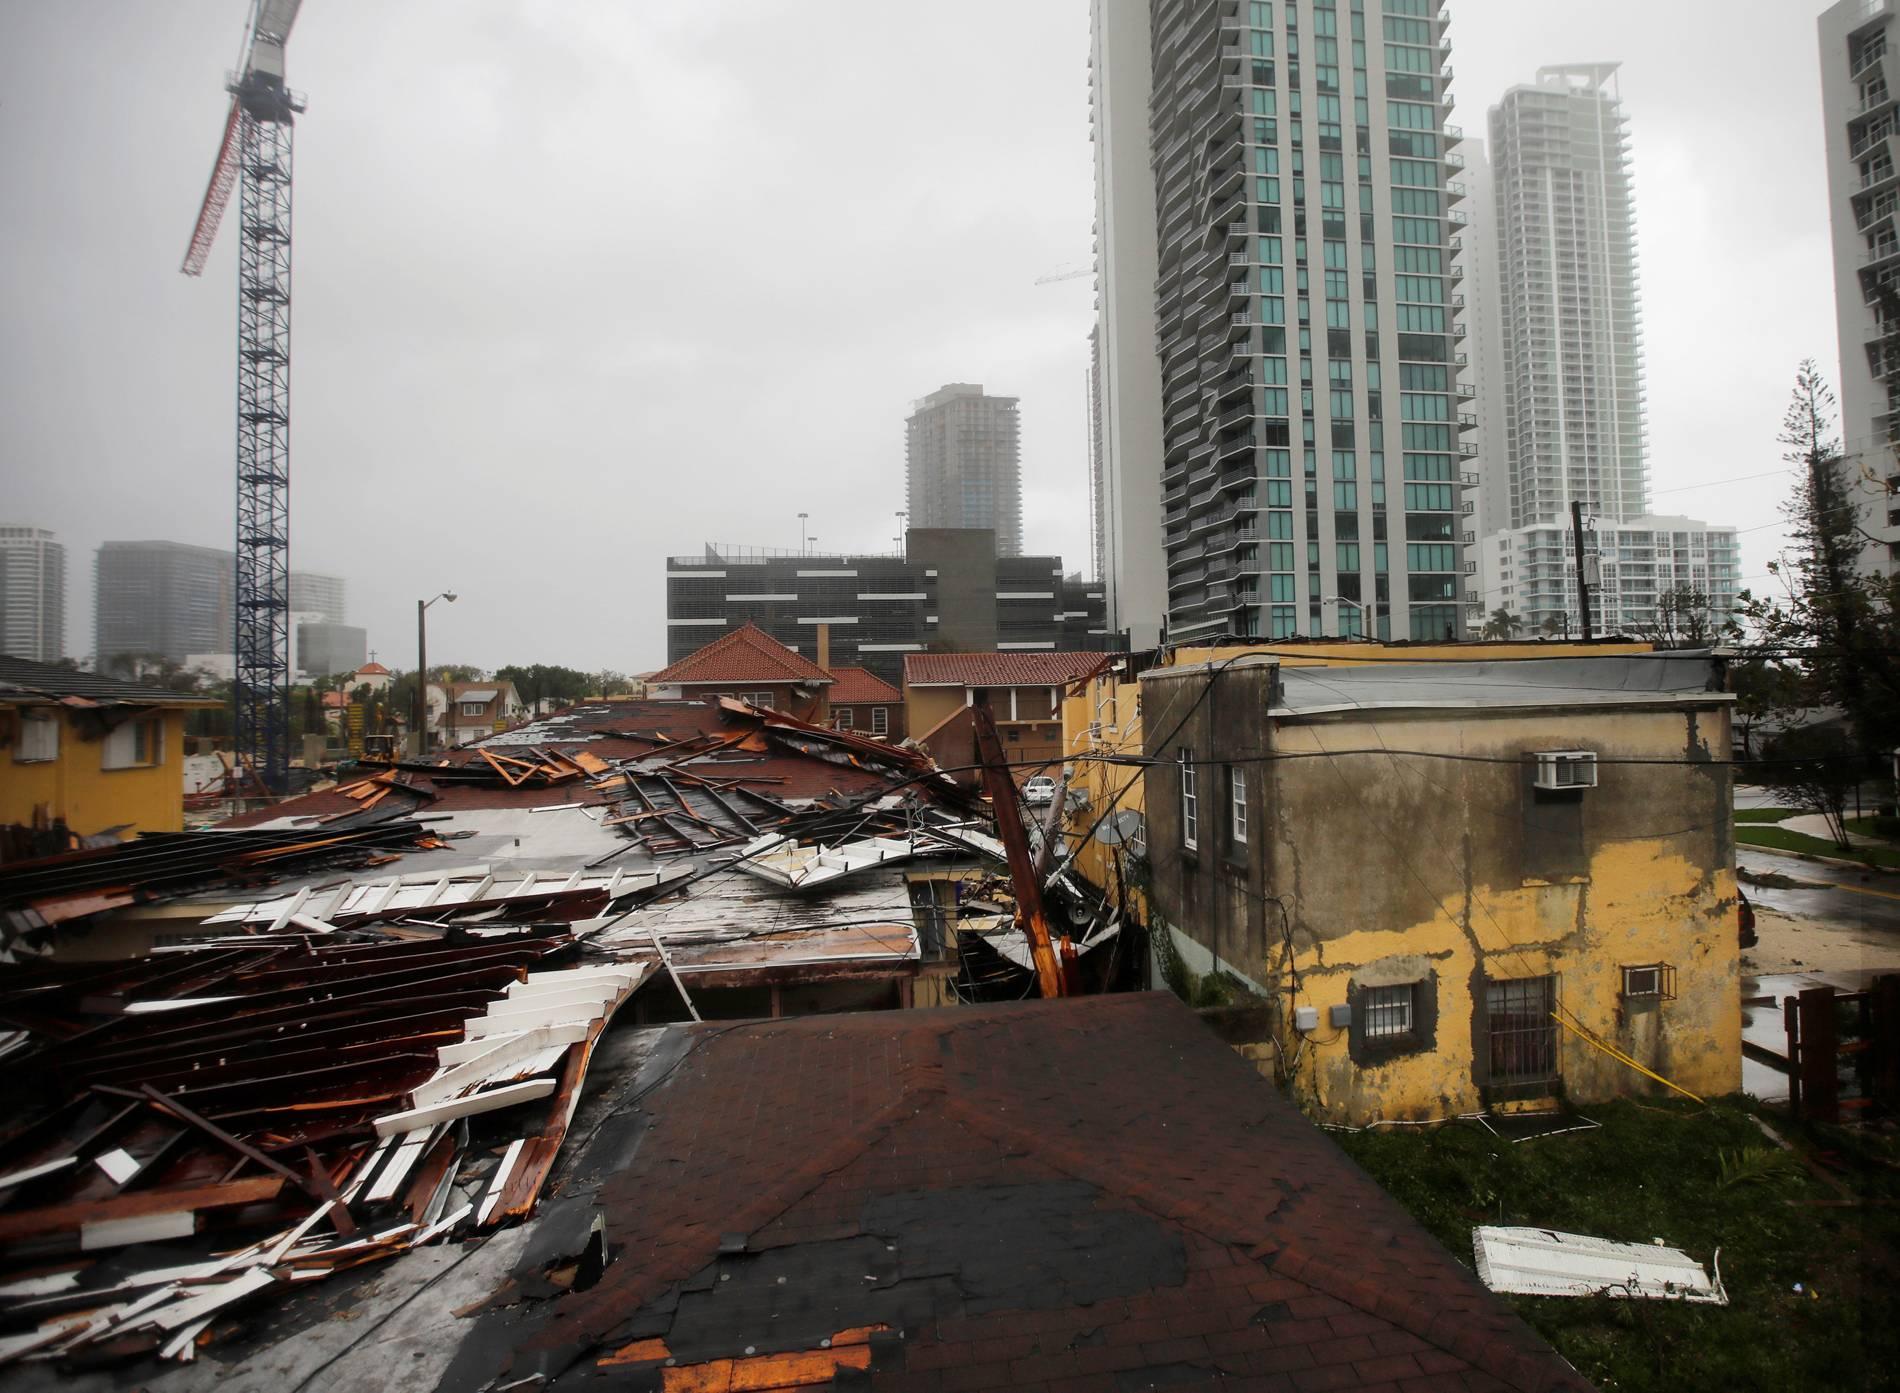 Telhados destruídos em áreas residenciais são vistos enquanto o furacão Irma passa ao sul da Flórida, em Miami